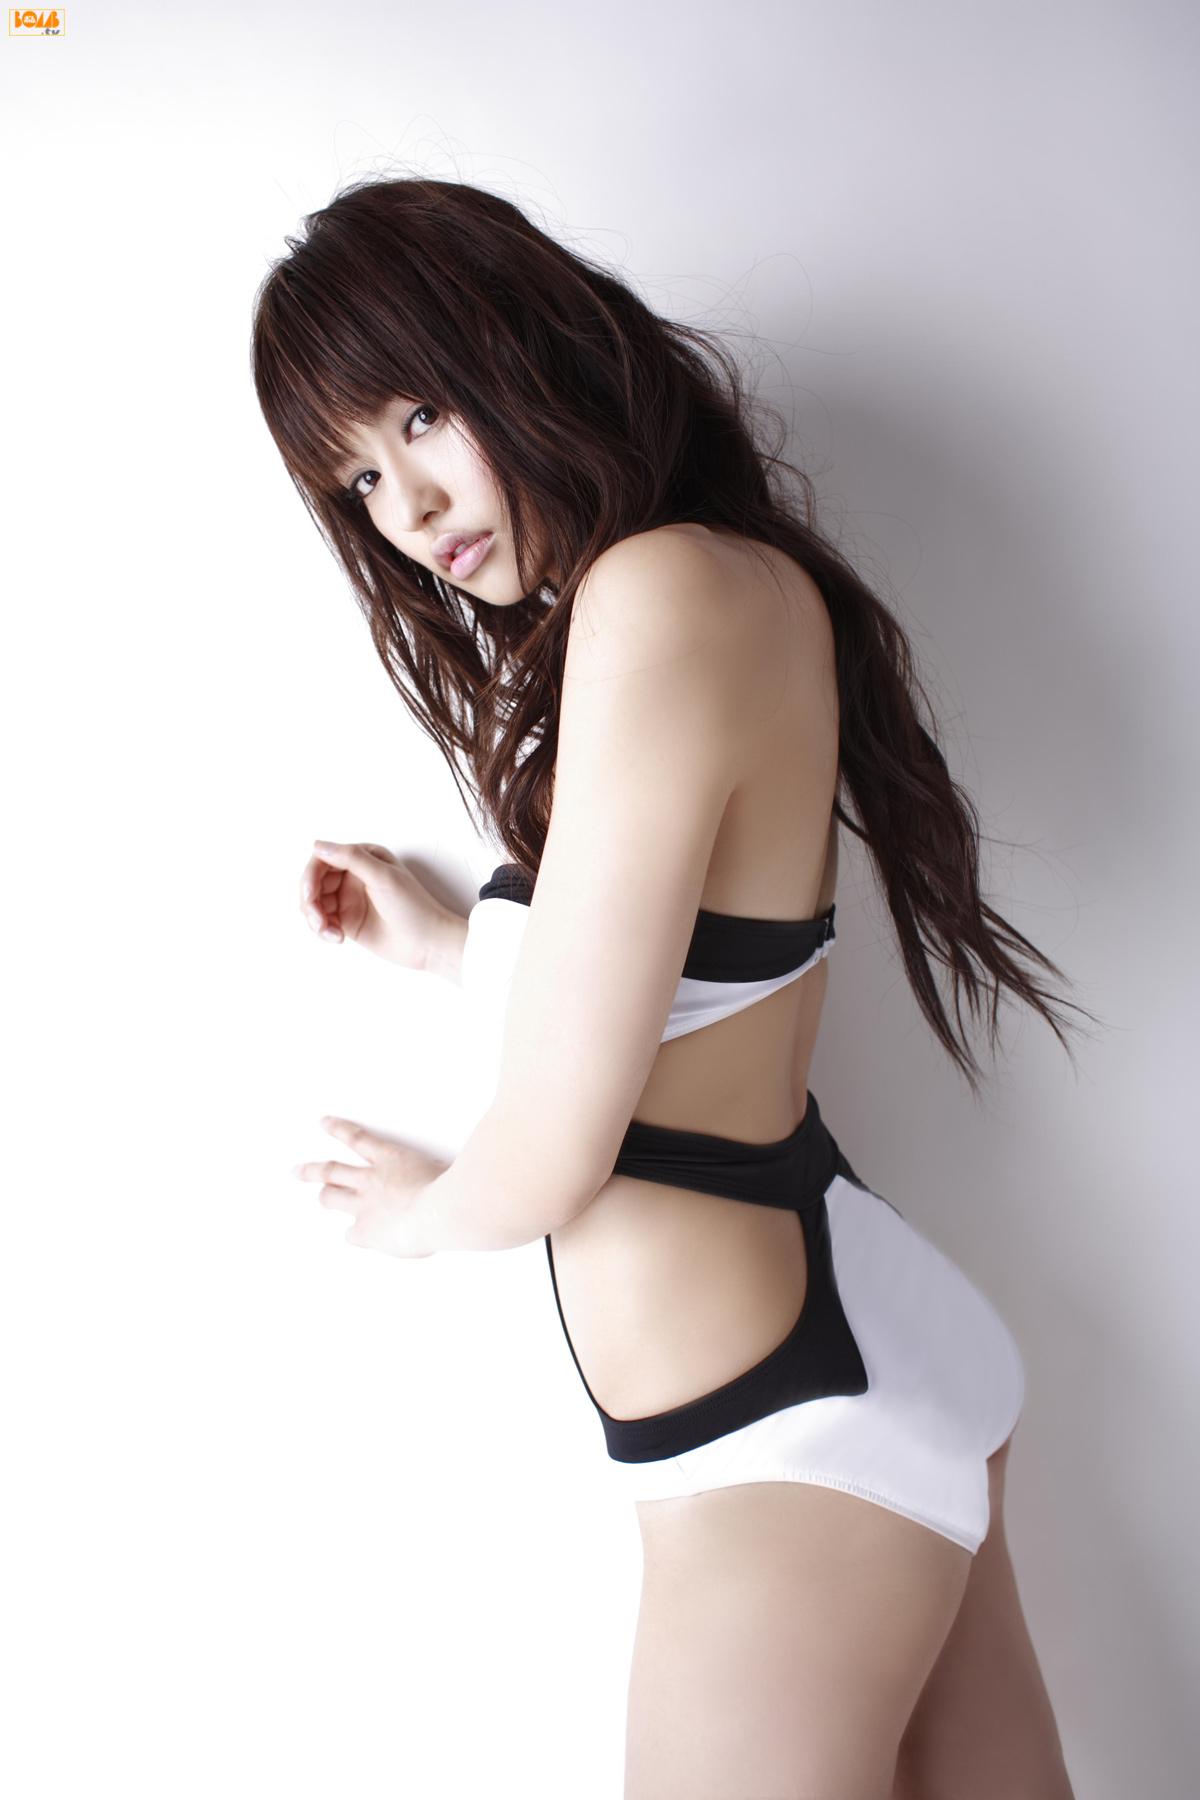 [Bomb.tv] 2007.05 Yuriko Shiratori 白鳥百合子 [48P22MB] 09030